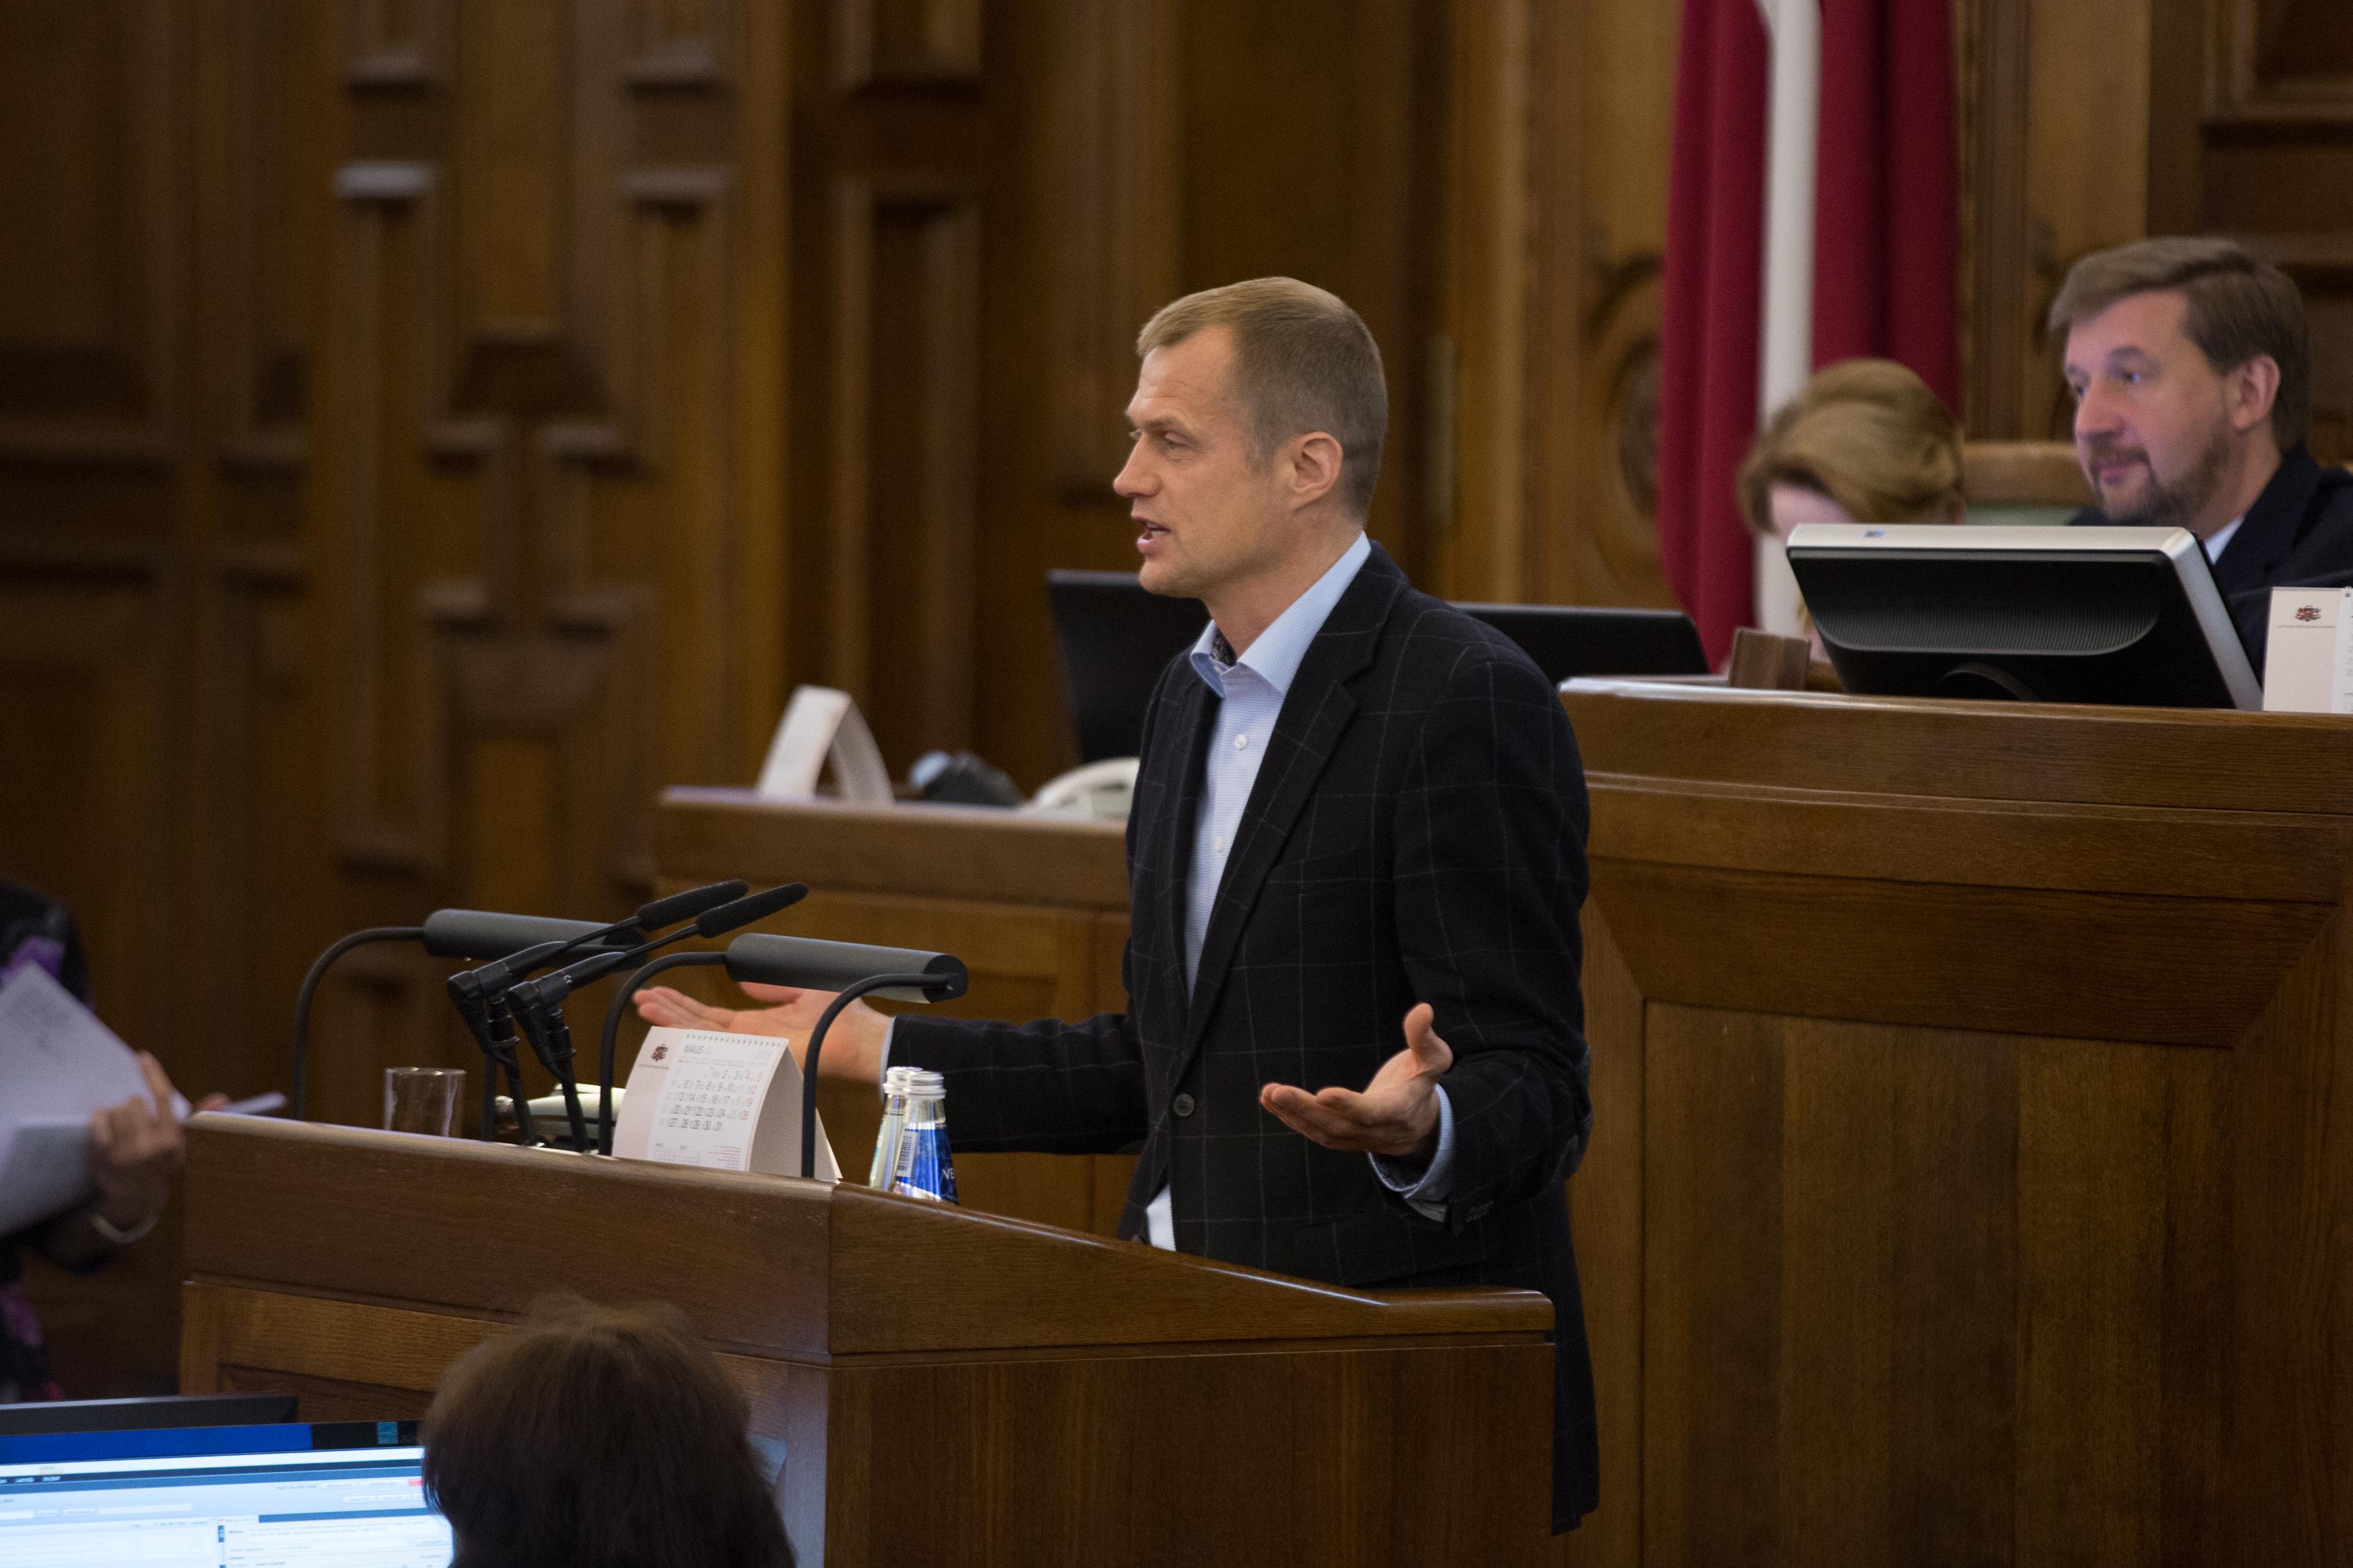 Ивар Зариньш: Правительство должно отчитаться перед парламентом о сомнительных закупках медицинских масок и средств дезинфекции